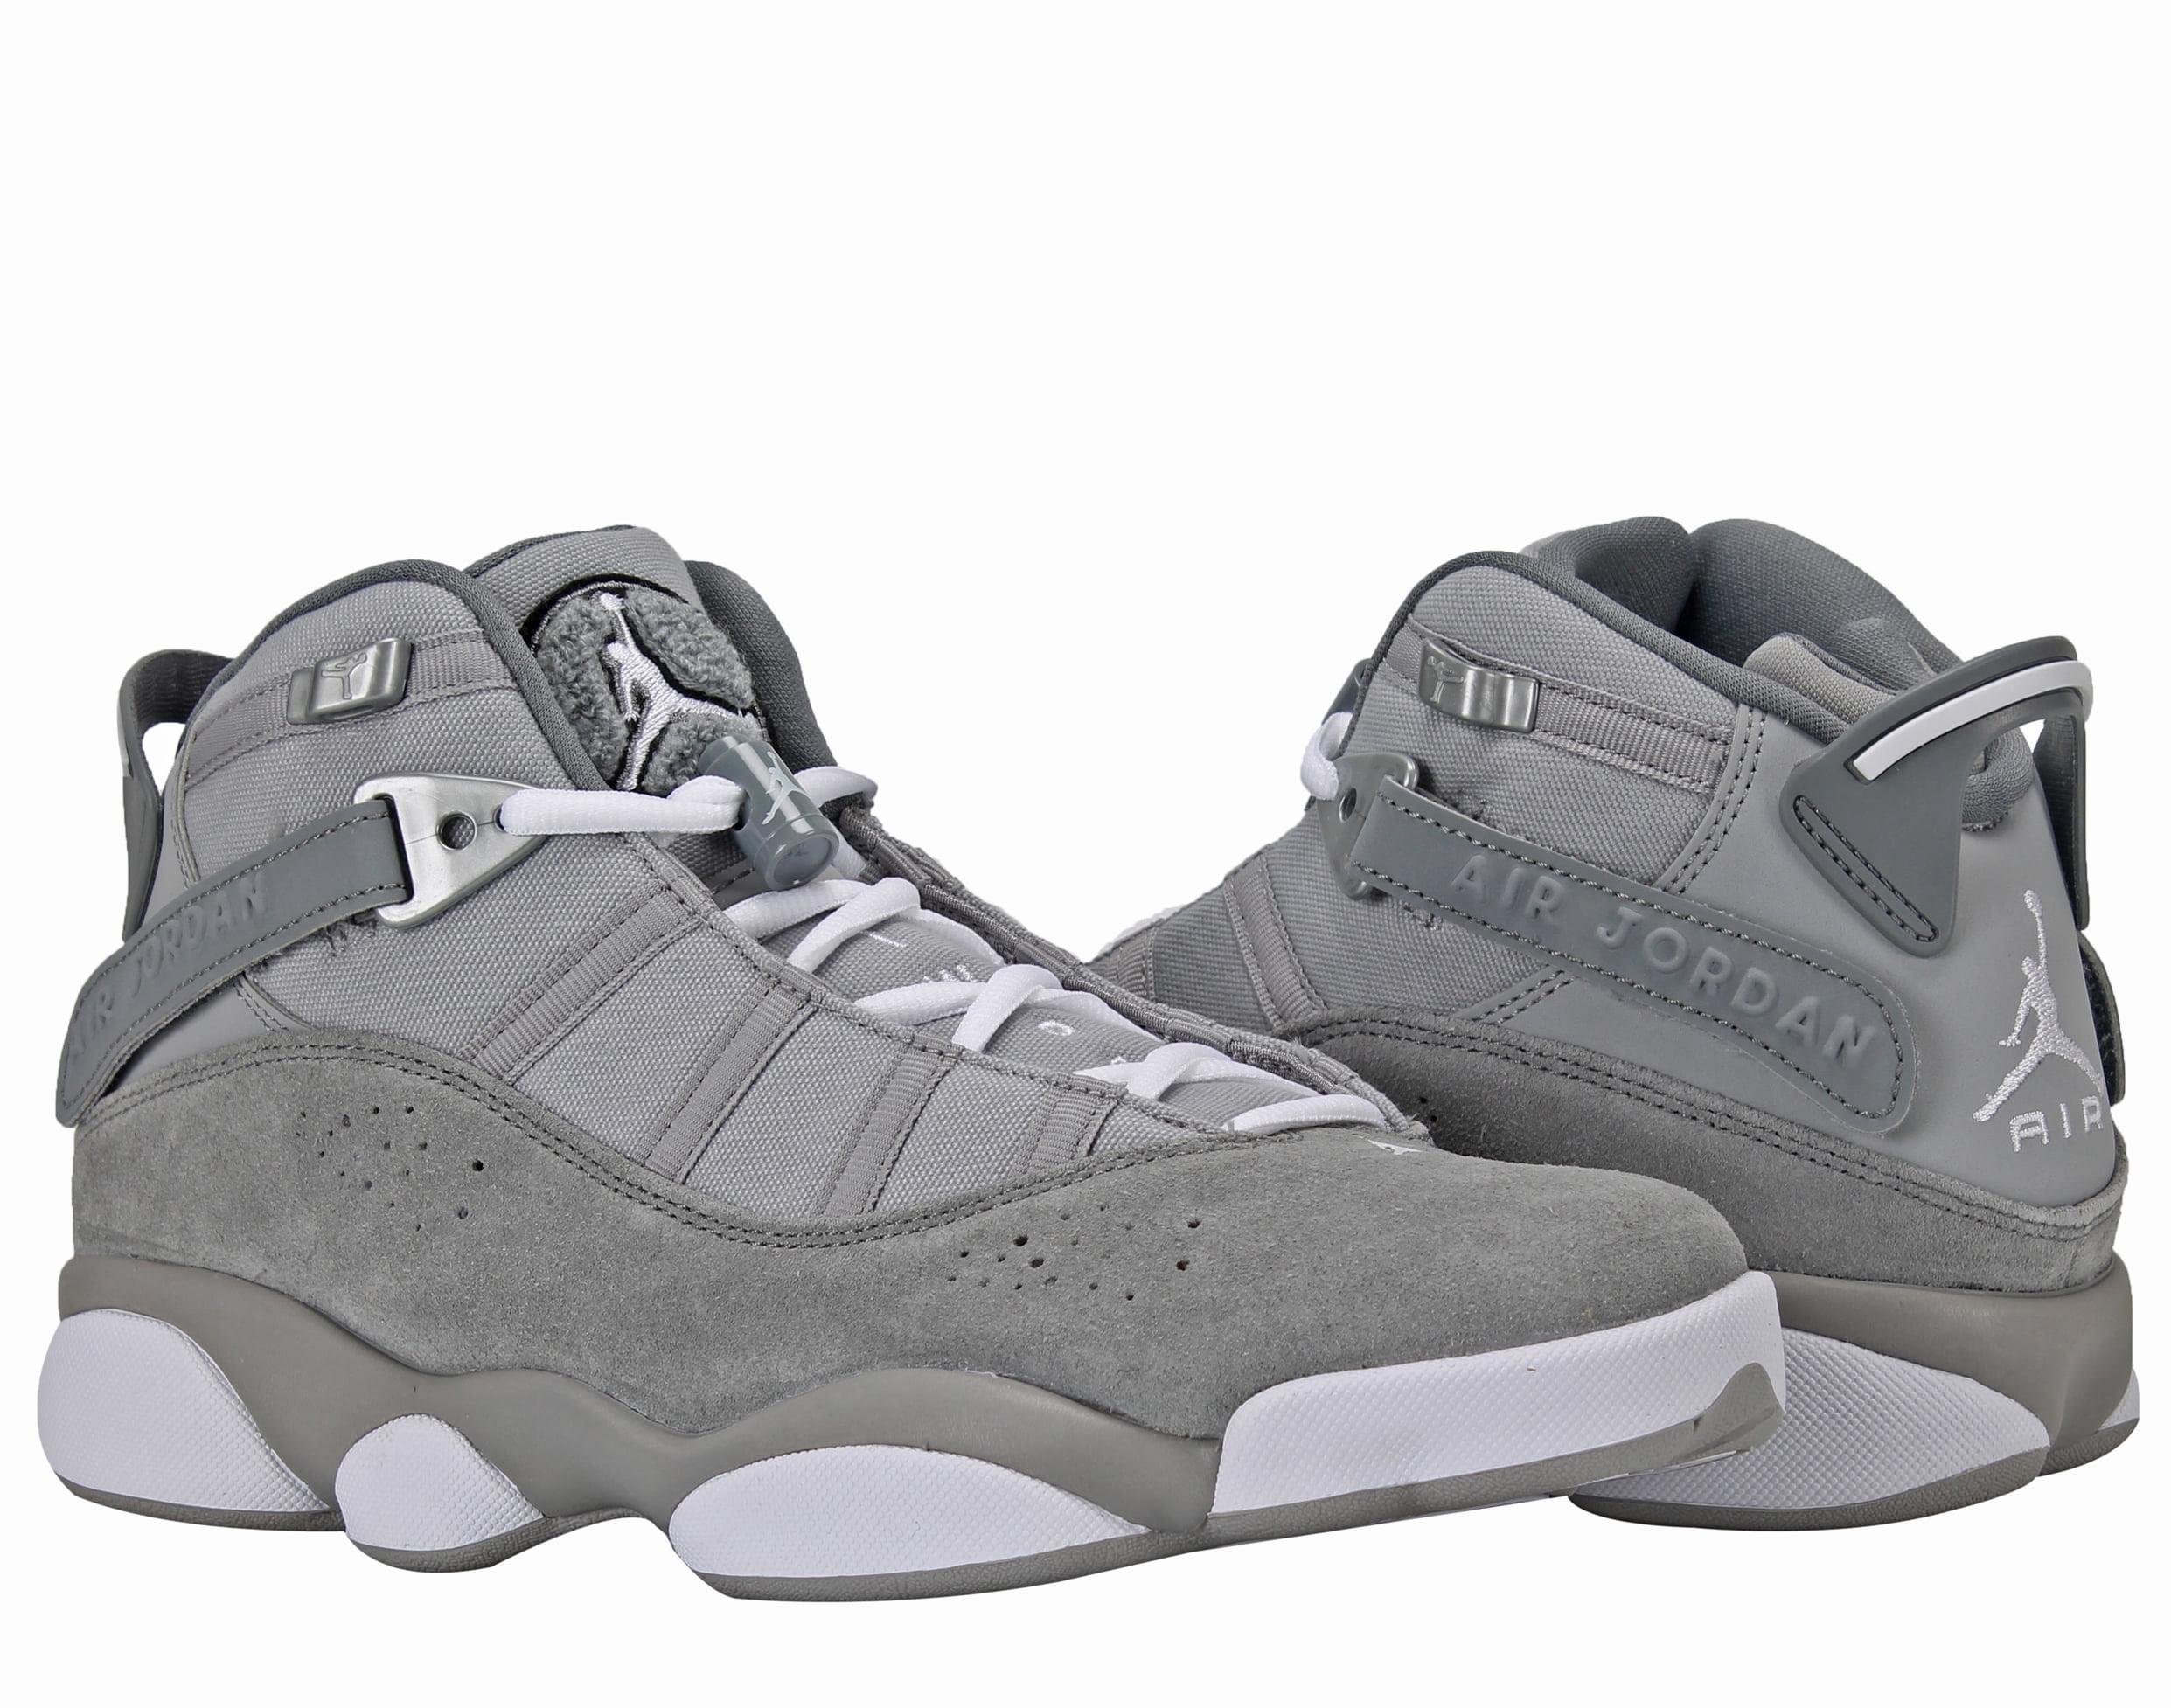 736d67fc433 ... get jordan nike air jordan 6 rings bg grey white big kids basketball  shoes 323419 014